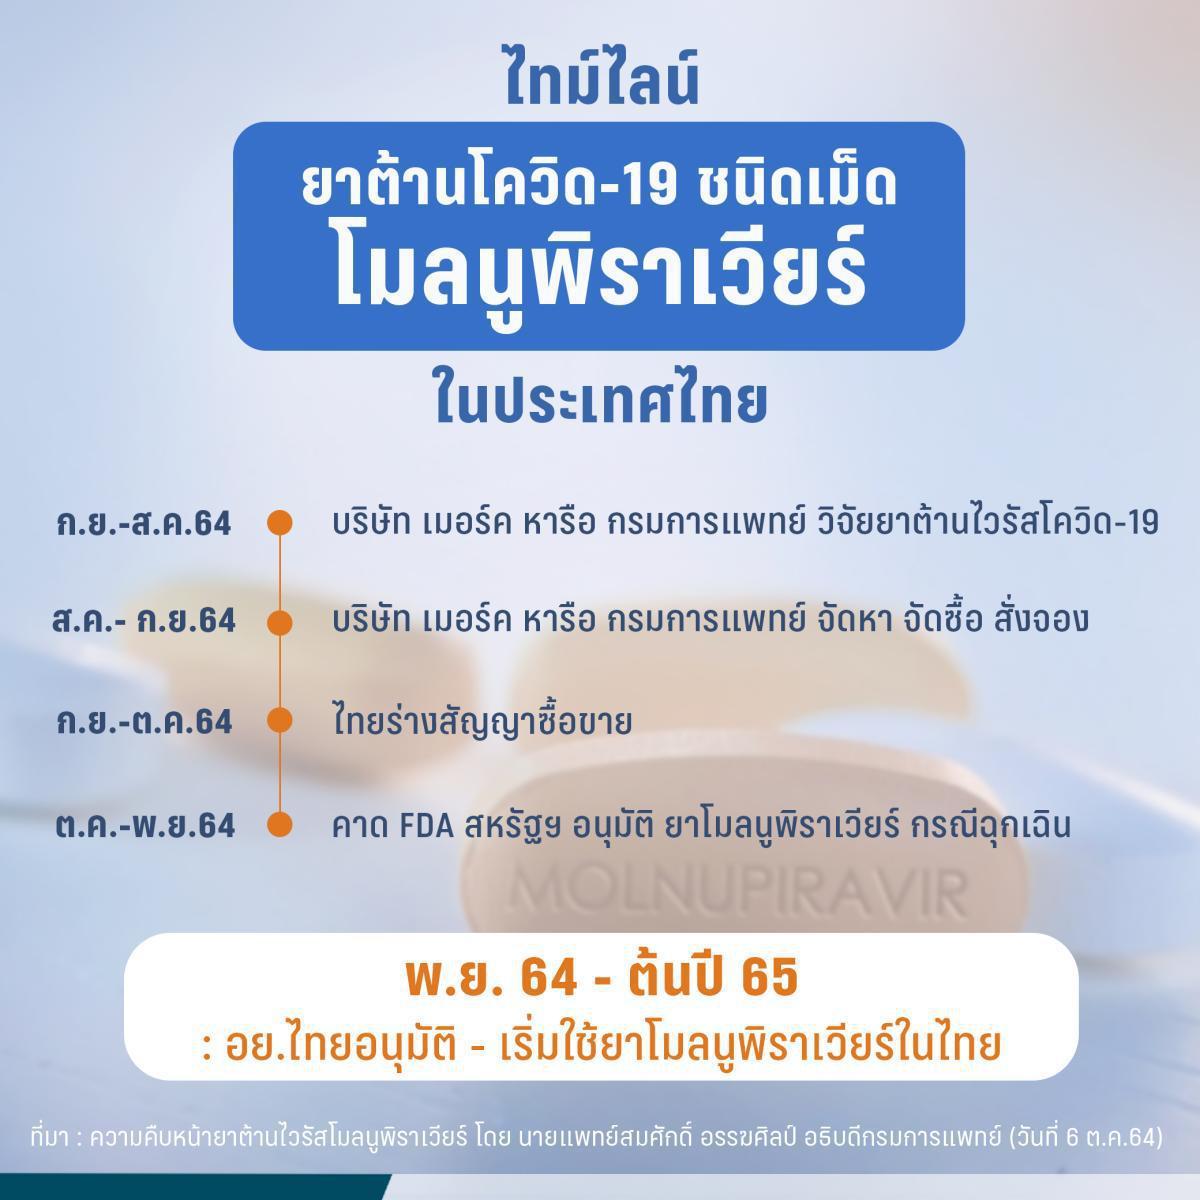 """ส่องดีลแต่ละประเทศซื้อ """"ยาโมลนูพิราเวียร์"""" ต้านโควิด-19  รวมไทยลุ้นมาทันเปิดประเทศ?"""